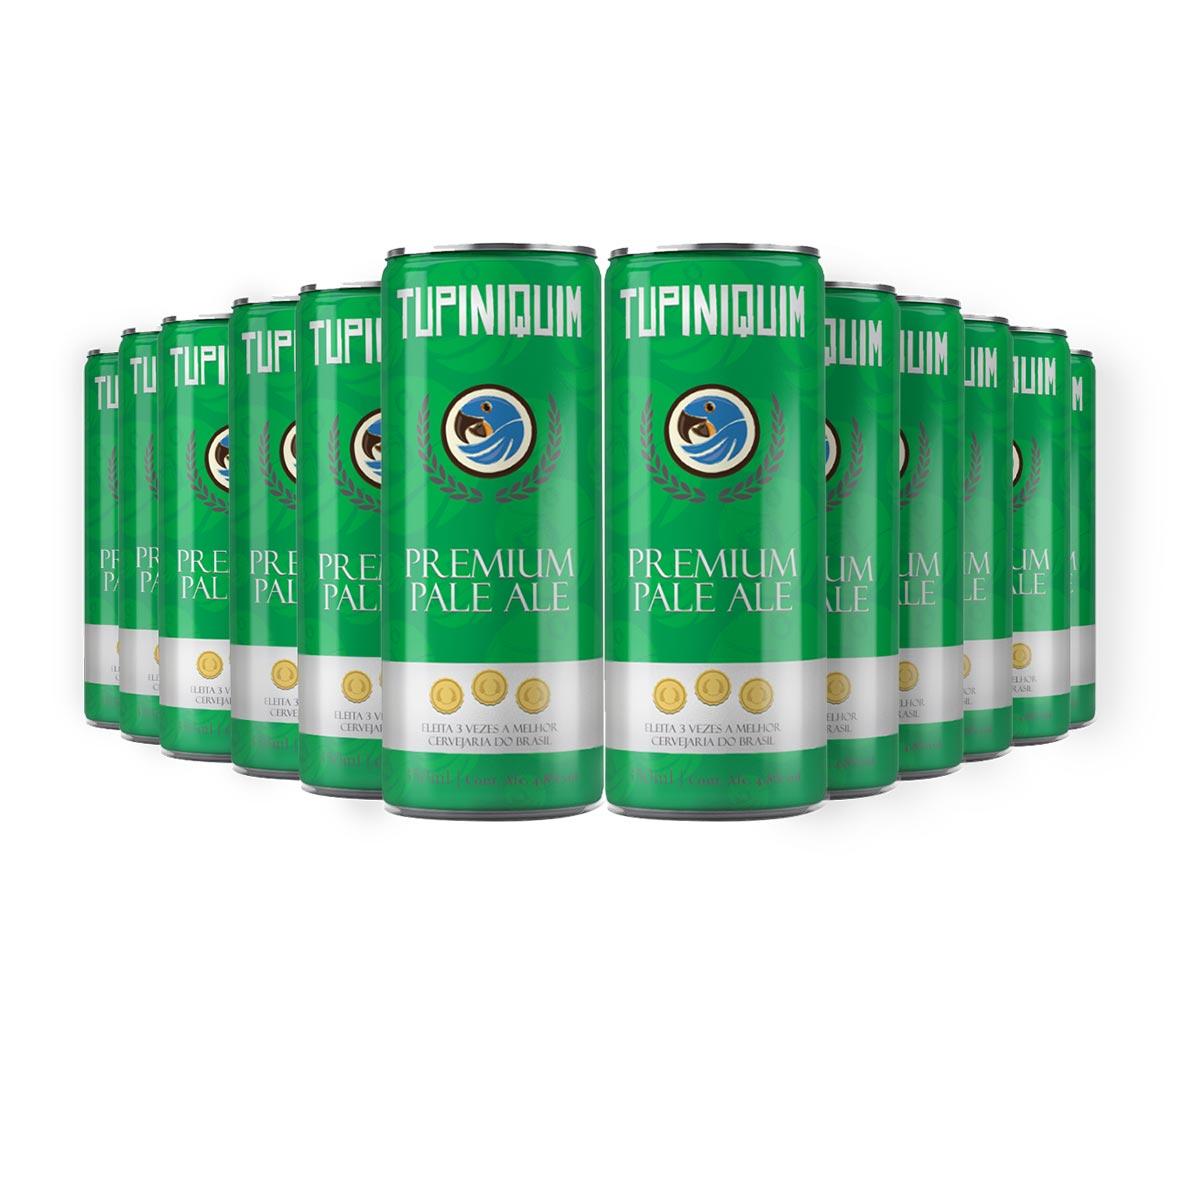 Pack Tupiniquim Premium Pale Ale 12 cervejas 350ml